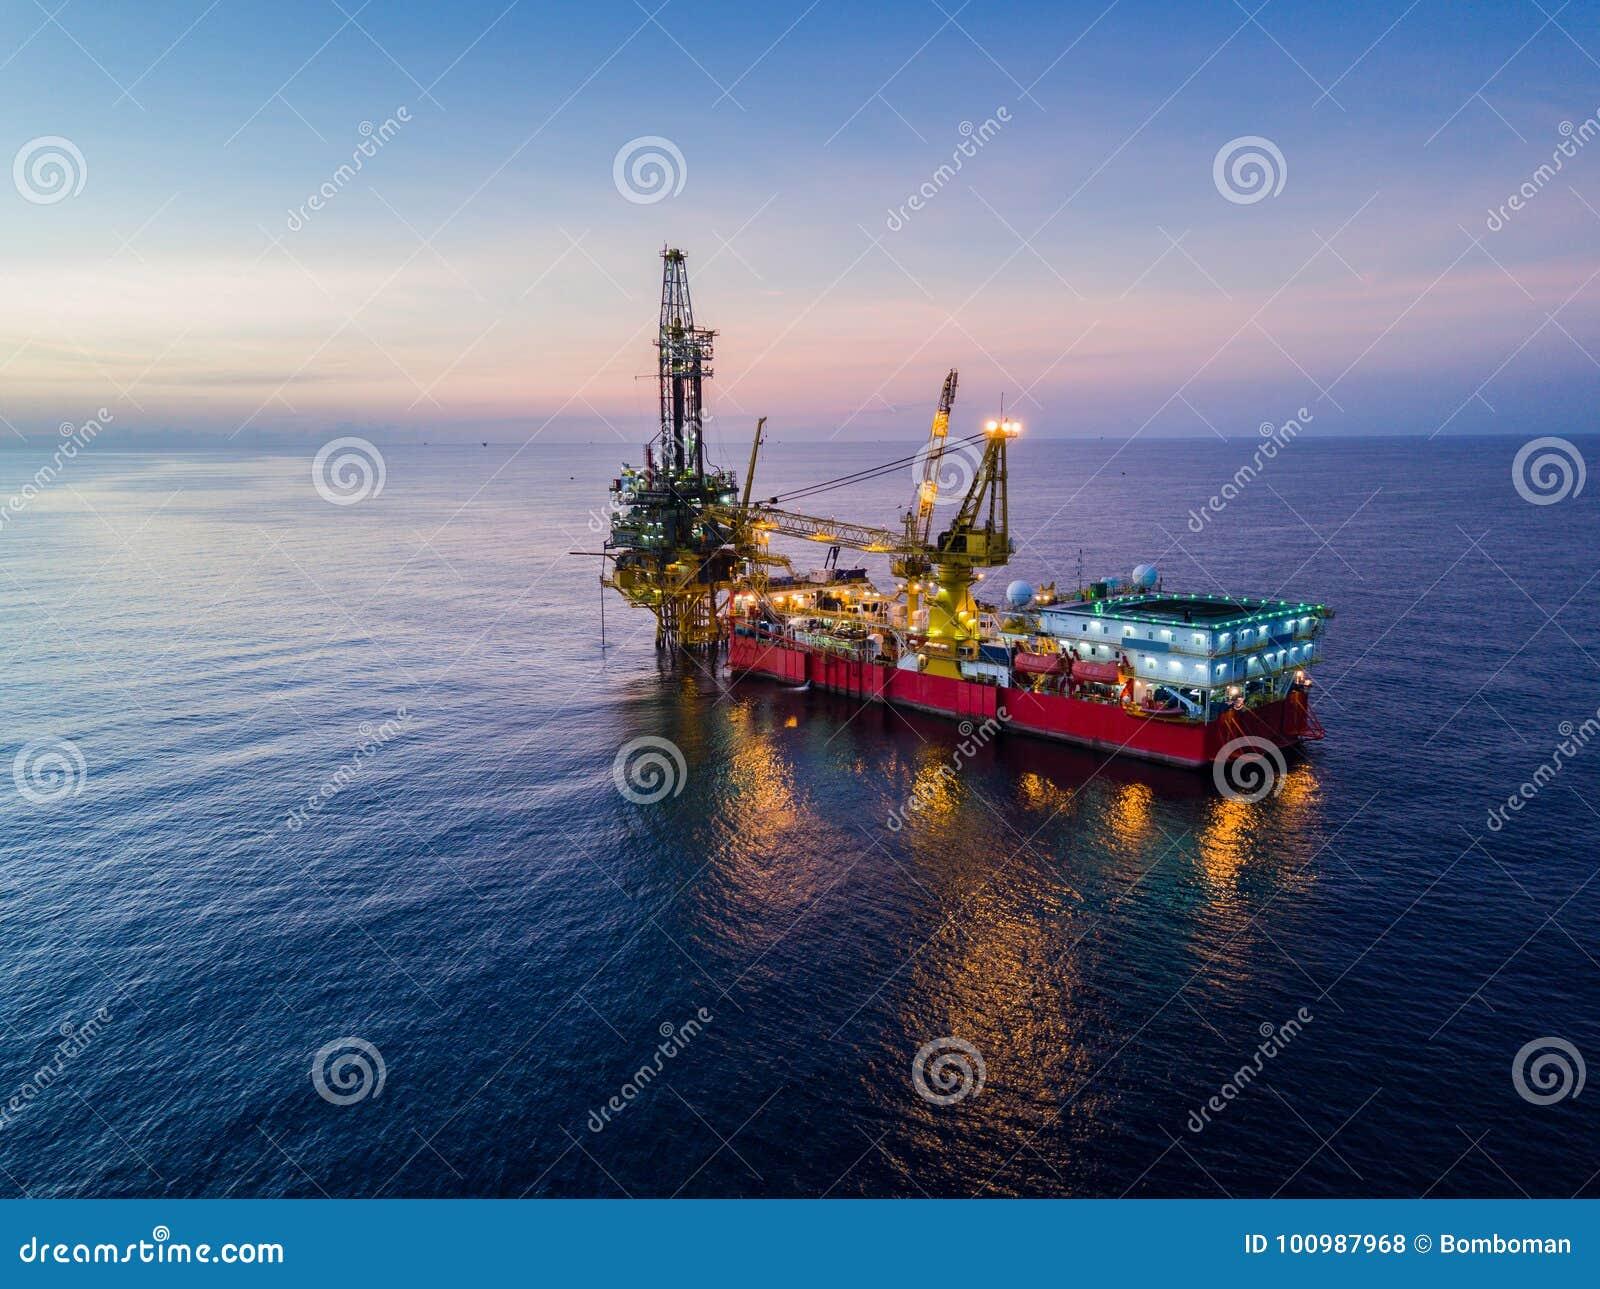 Vista aérea del aceite blando Rig Barge Oil Rig de la perforación